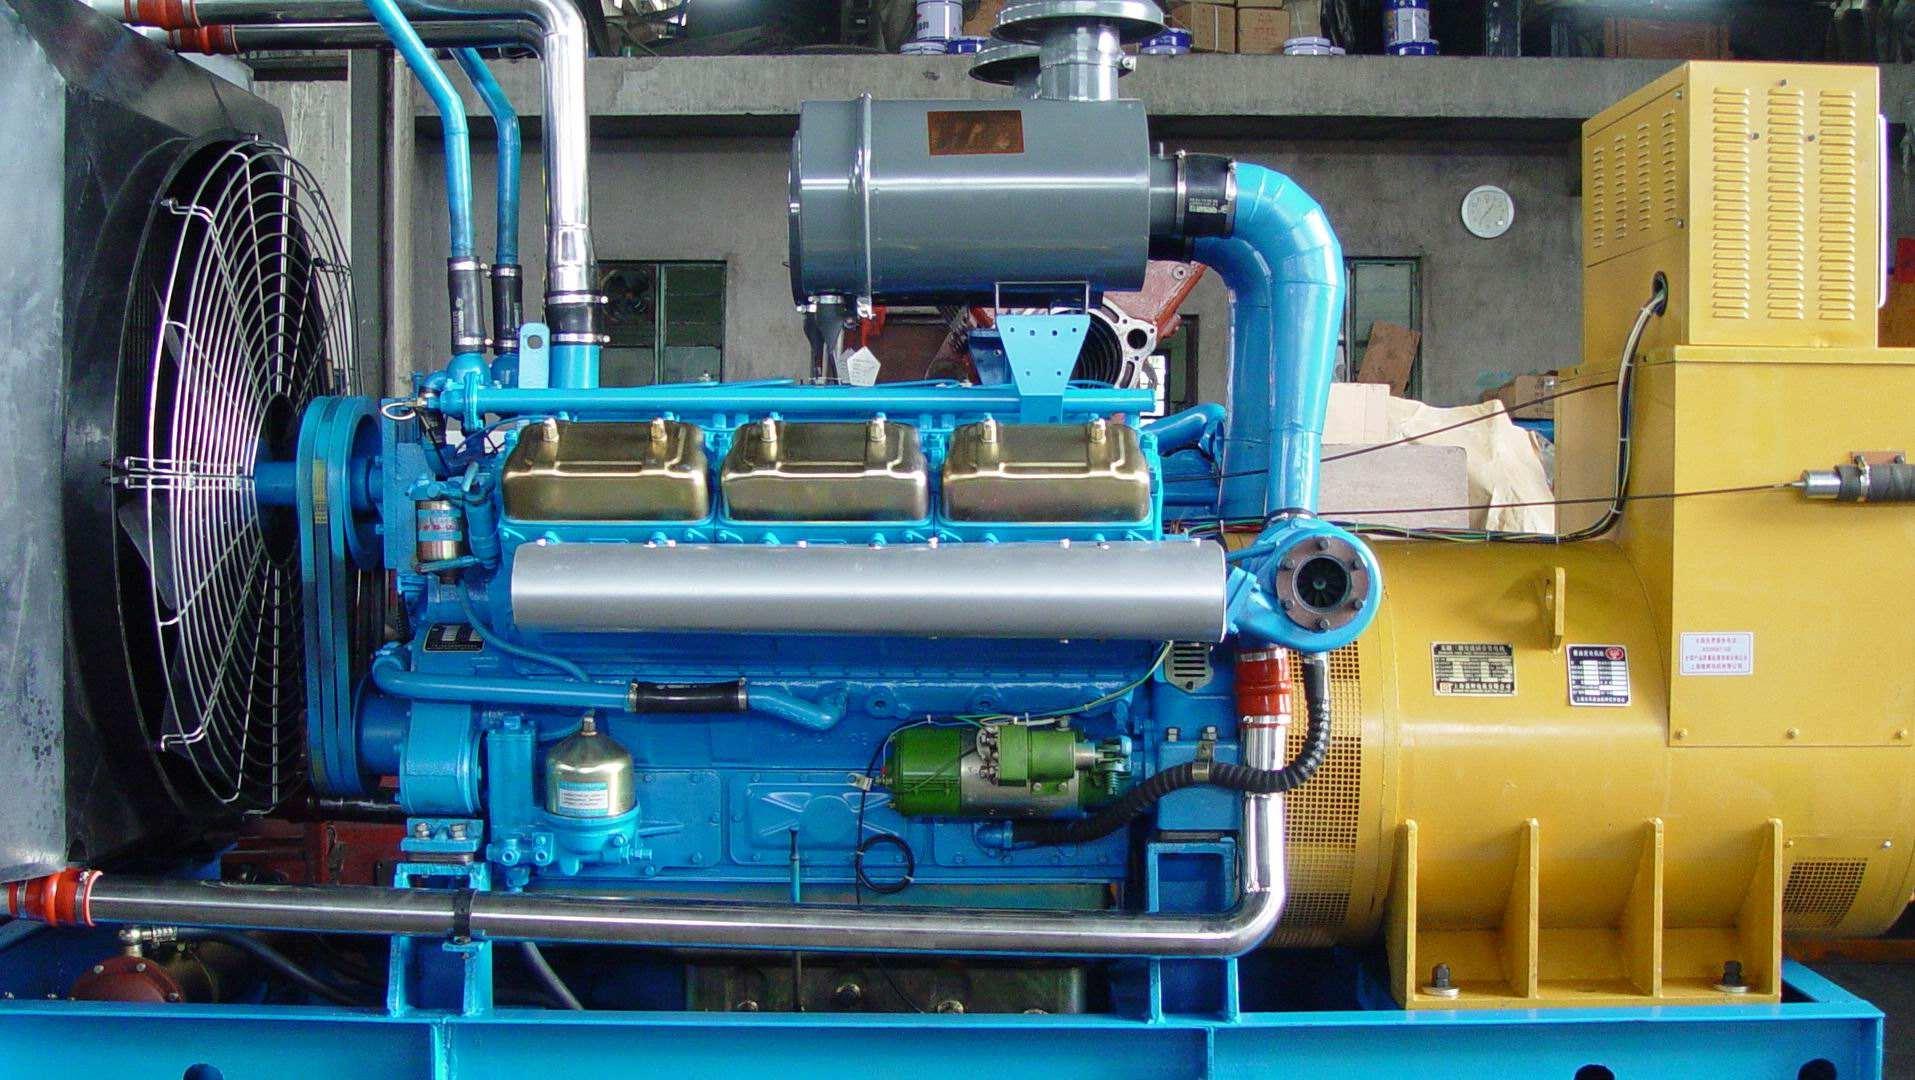 75kw广西玉柴柴油发电机组型号YC6B155L-D21|玉柴系列柴油发电机组-潍坊奔马动力设备有限公司